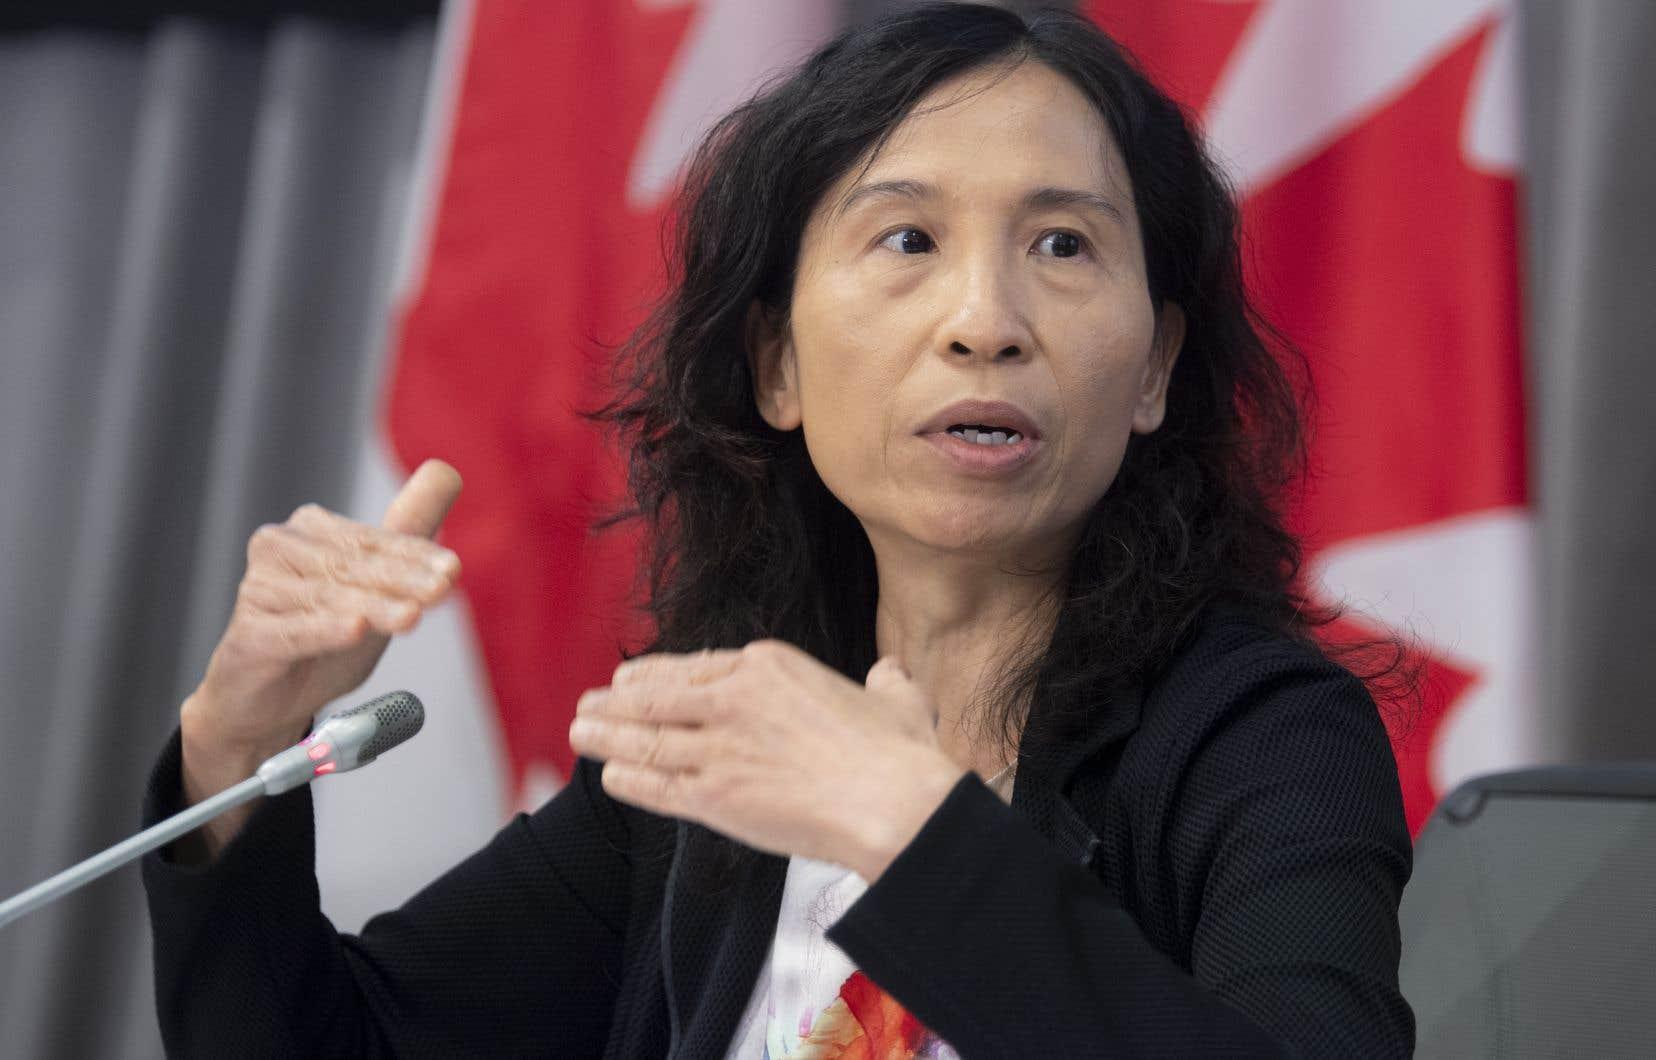 Pour la docteure Theresa Tam, toutes les options devraient être envisagées pour remédier au problème des opioïdes.